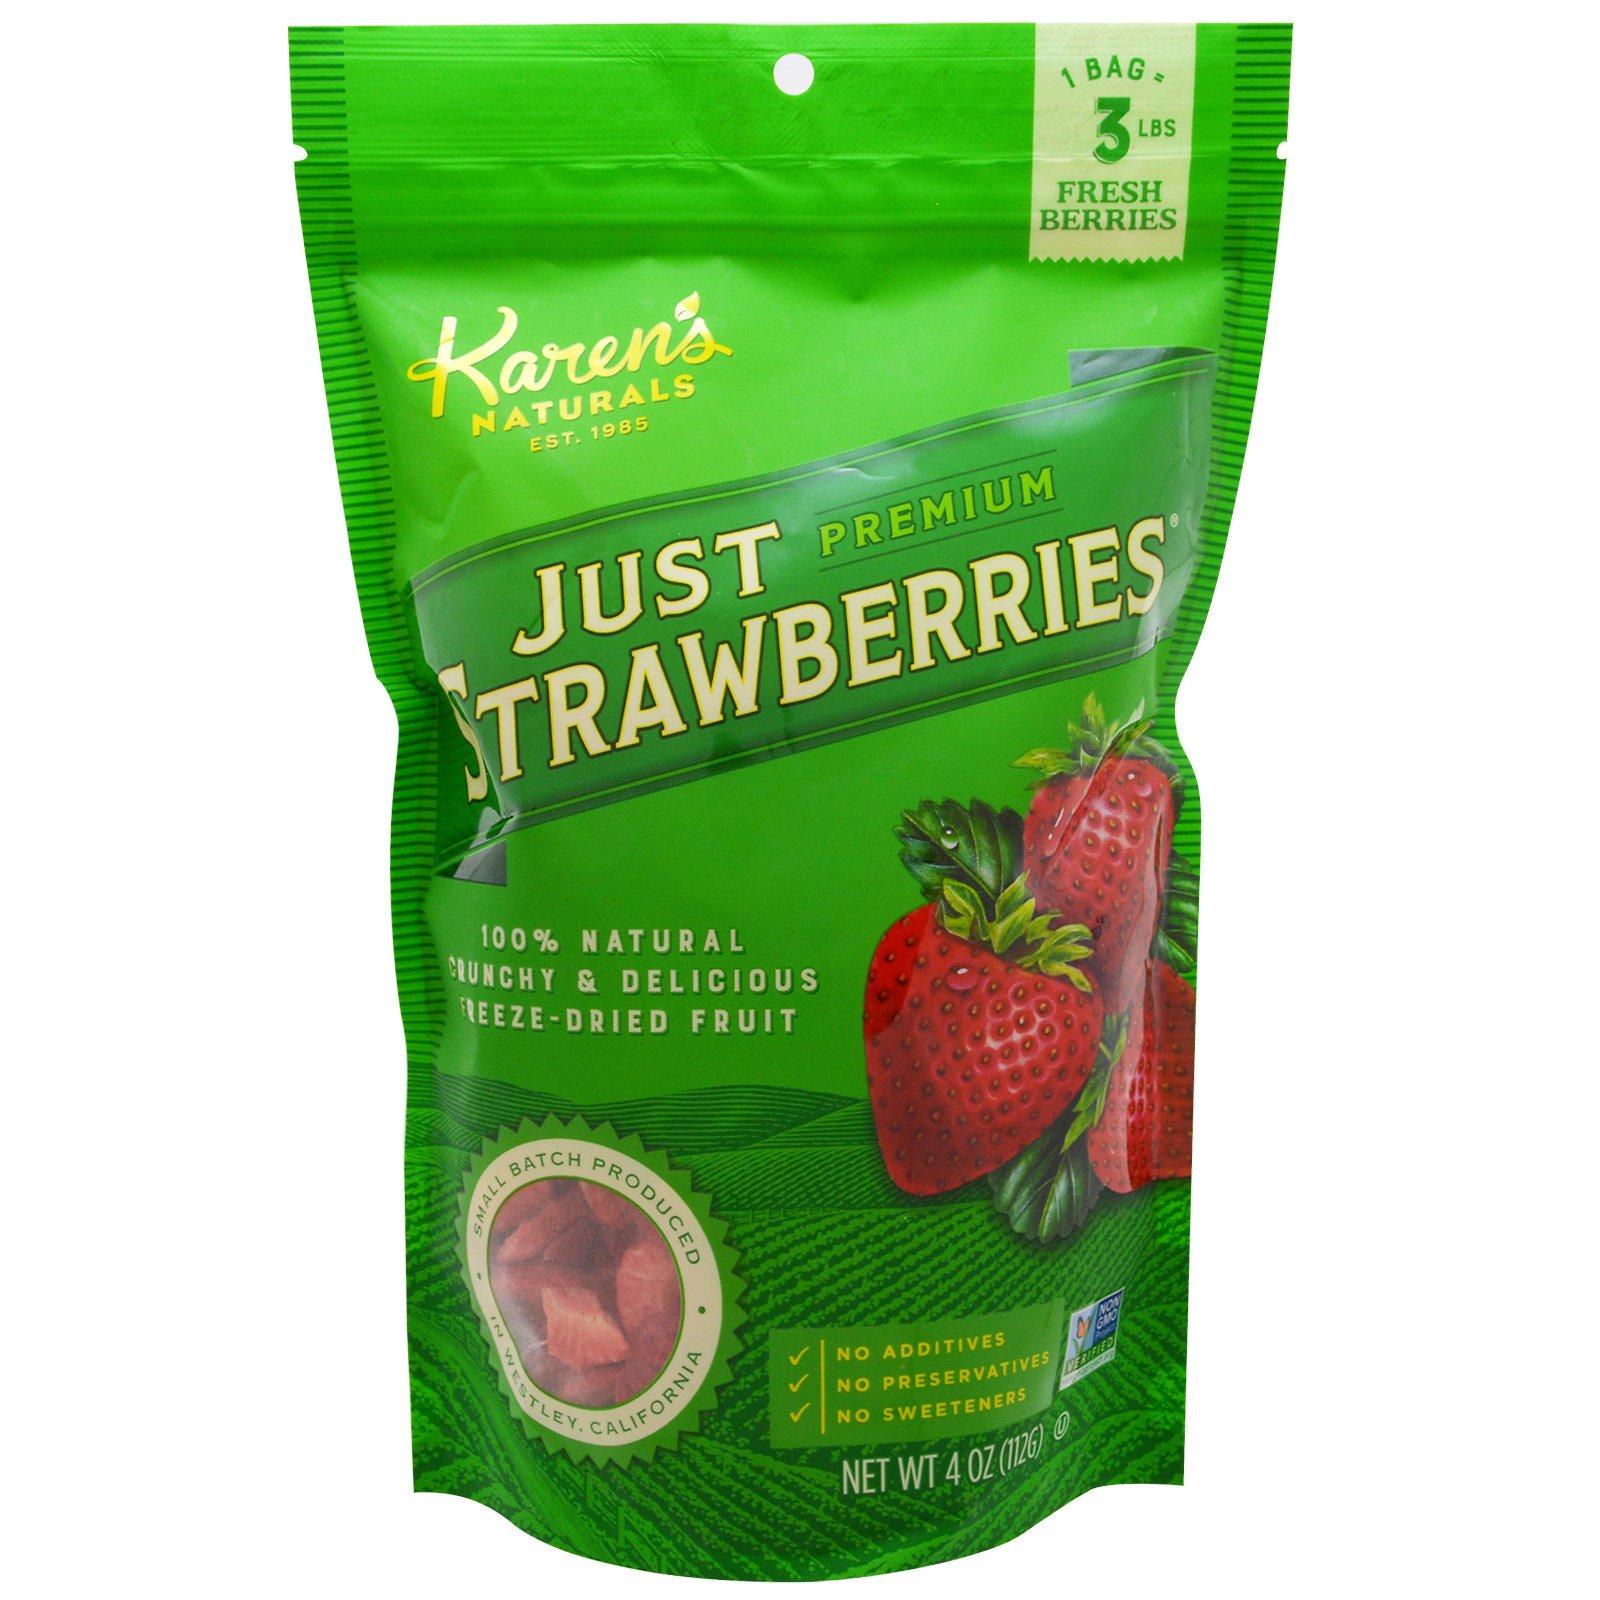 Karen's Naturals, Премиум продукт, Лиофилизированные фрукты, Натуральная клубника, 112 г (4 oz)